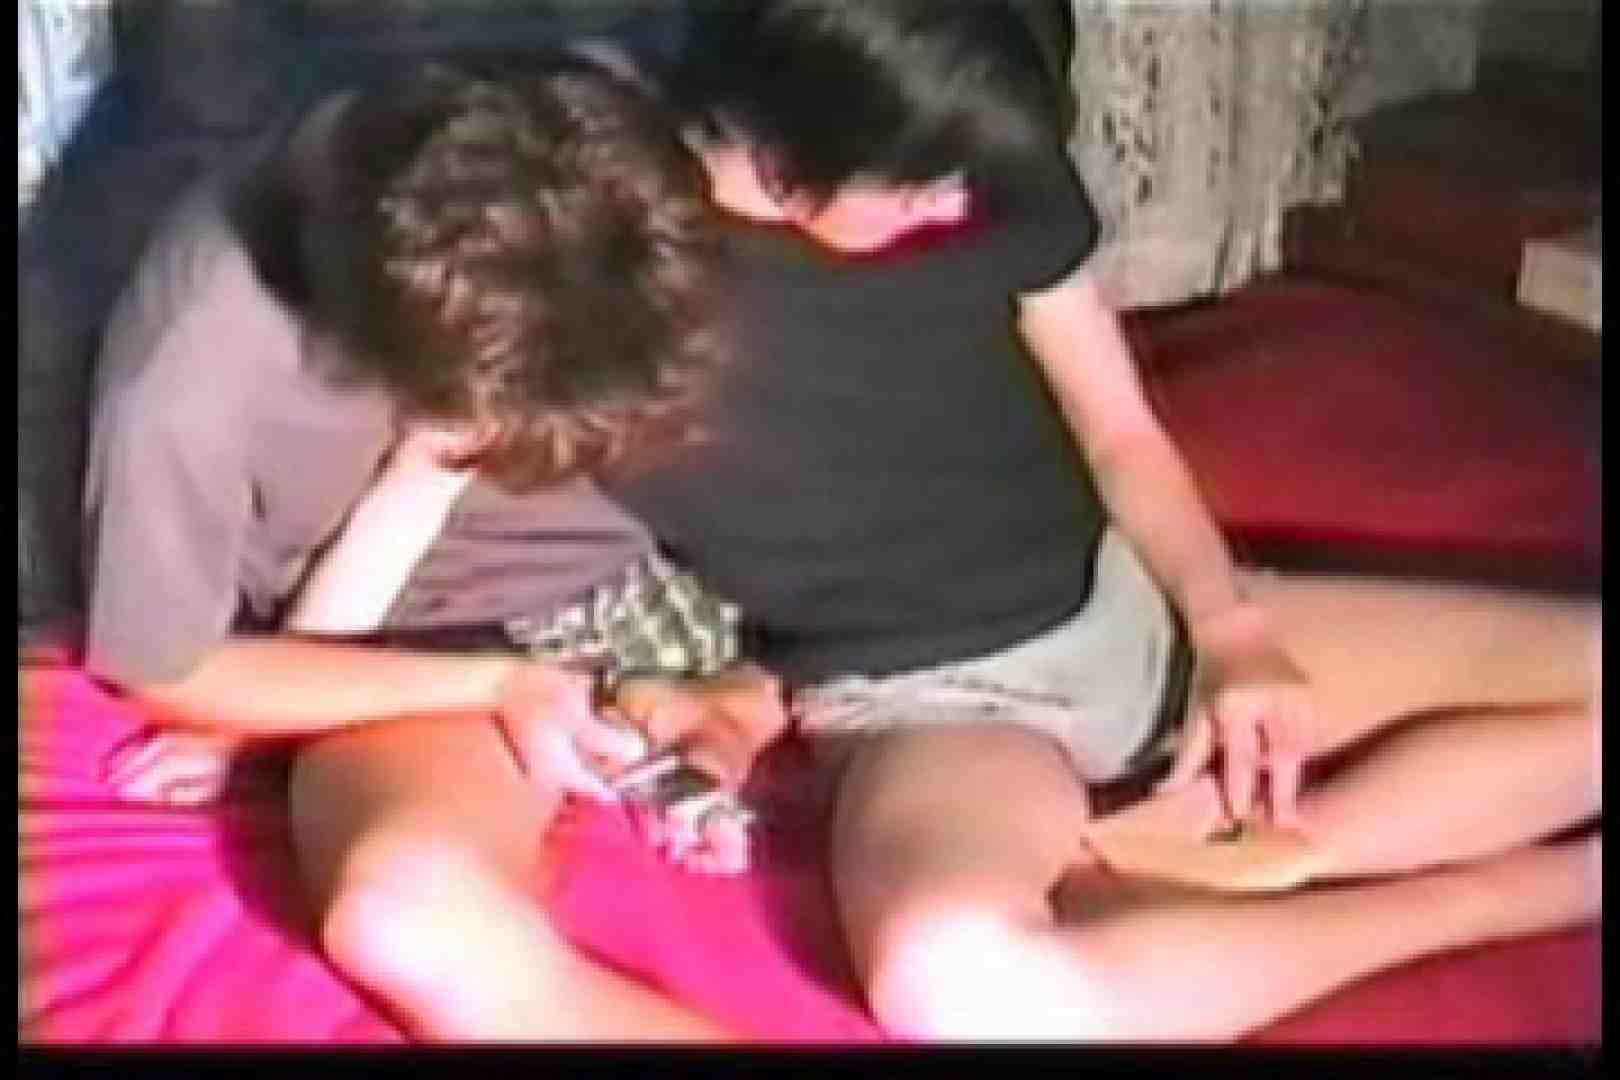 【投稿作品】秘蔵流出ビデオ!!甘い追憶 素人ゲイ ゲイ丸見え画像 94pic 31